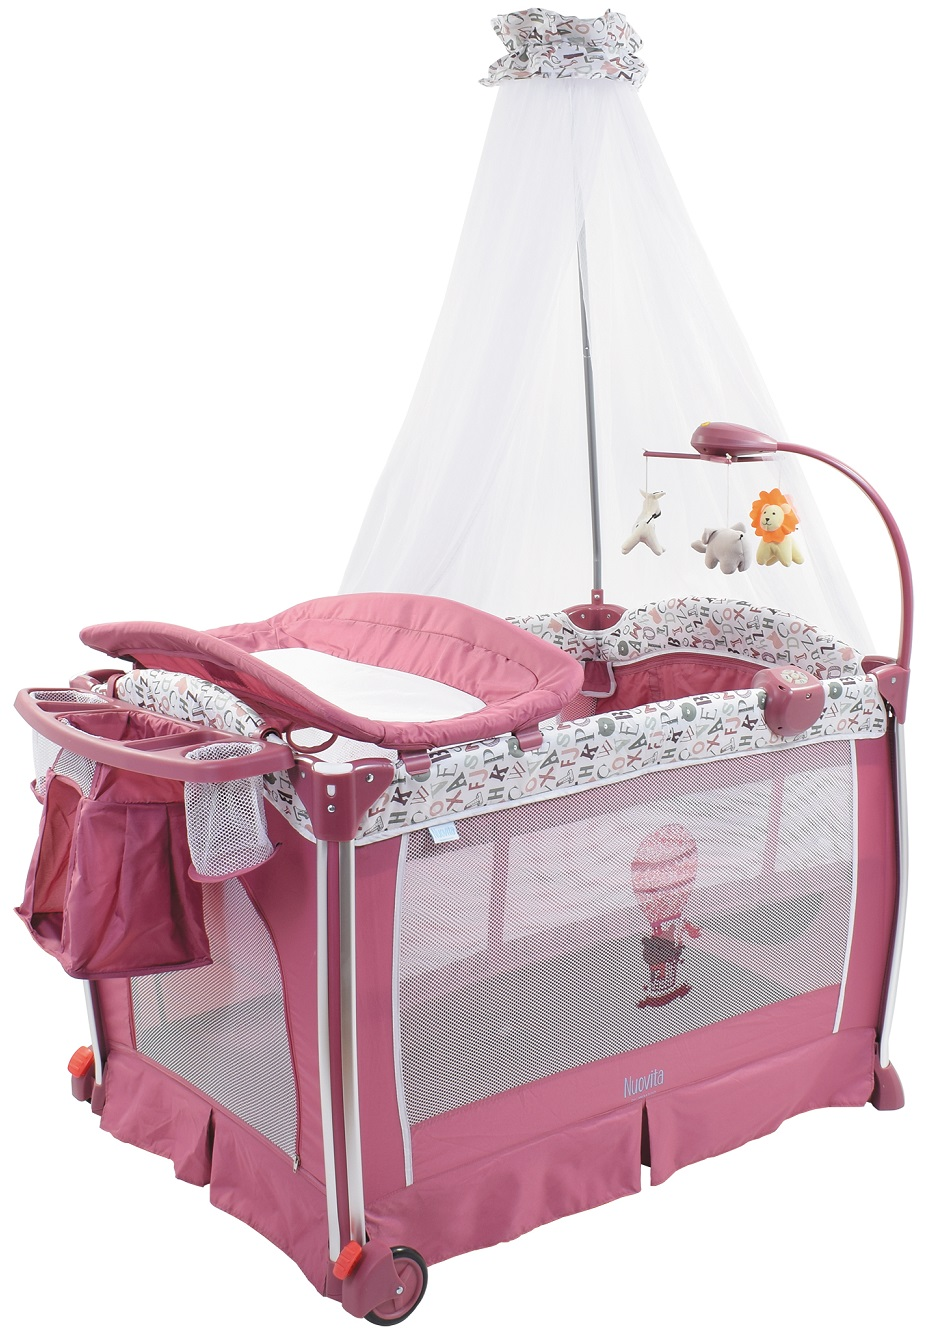 Купить Детская кровать-манеж Nuovita Fortezza, цвет - Mauve / Сиреневый